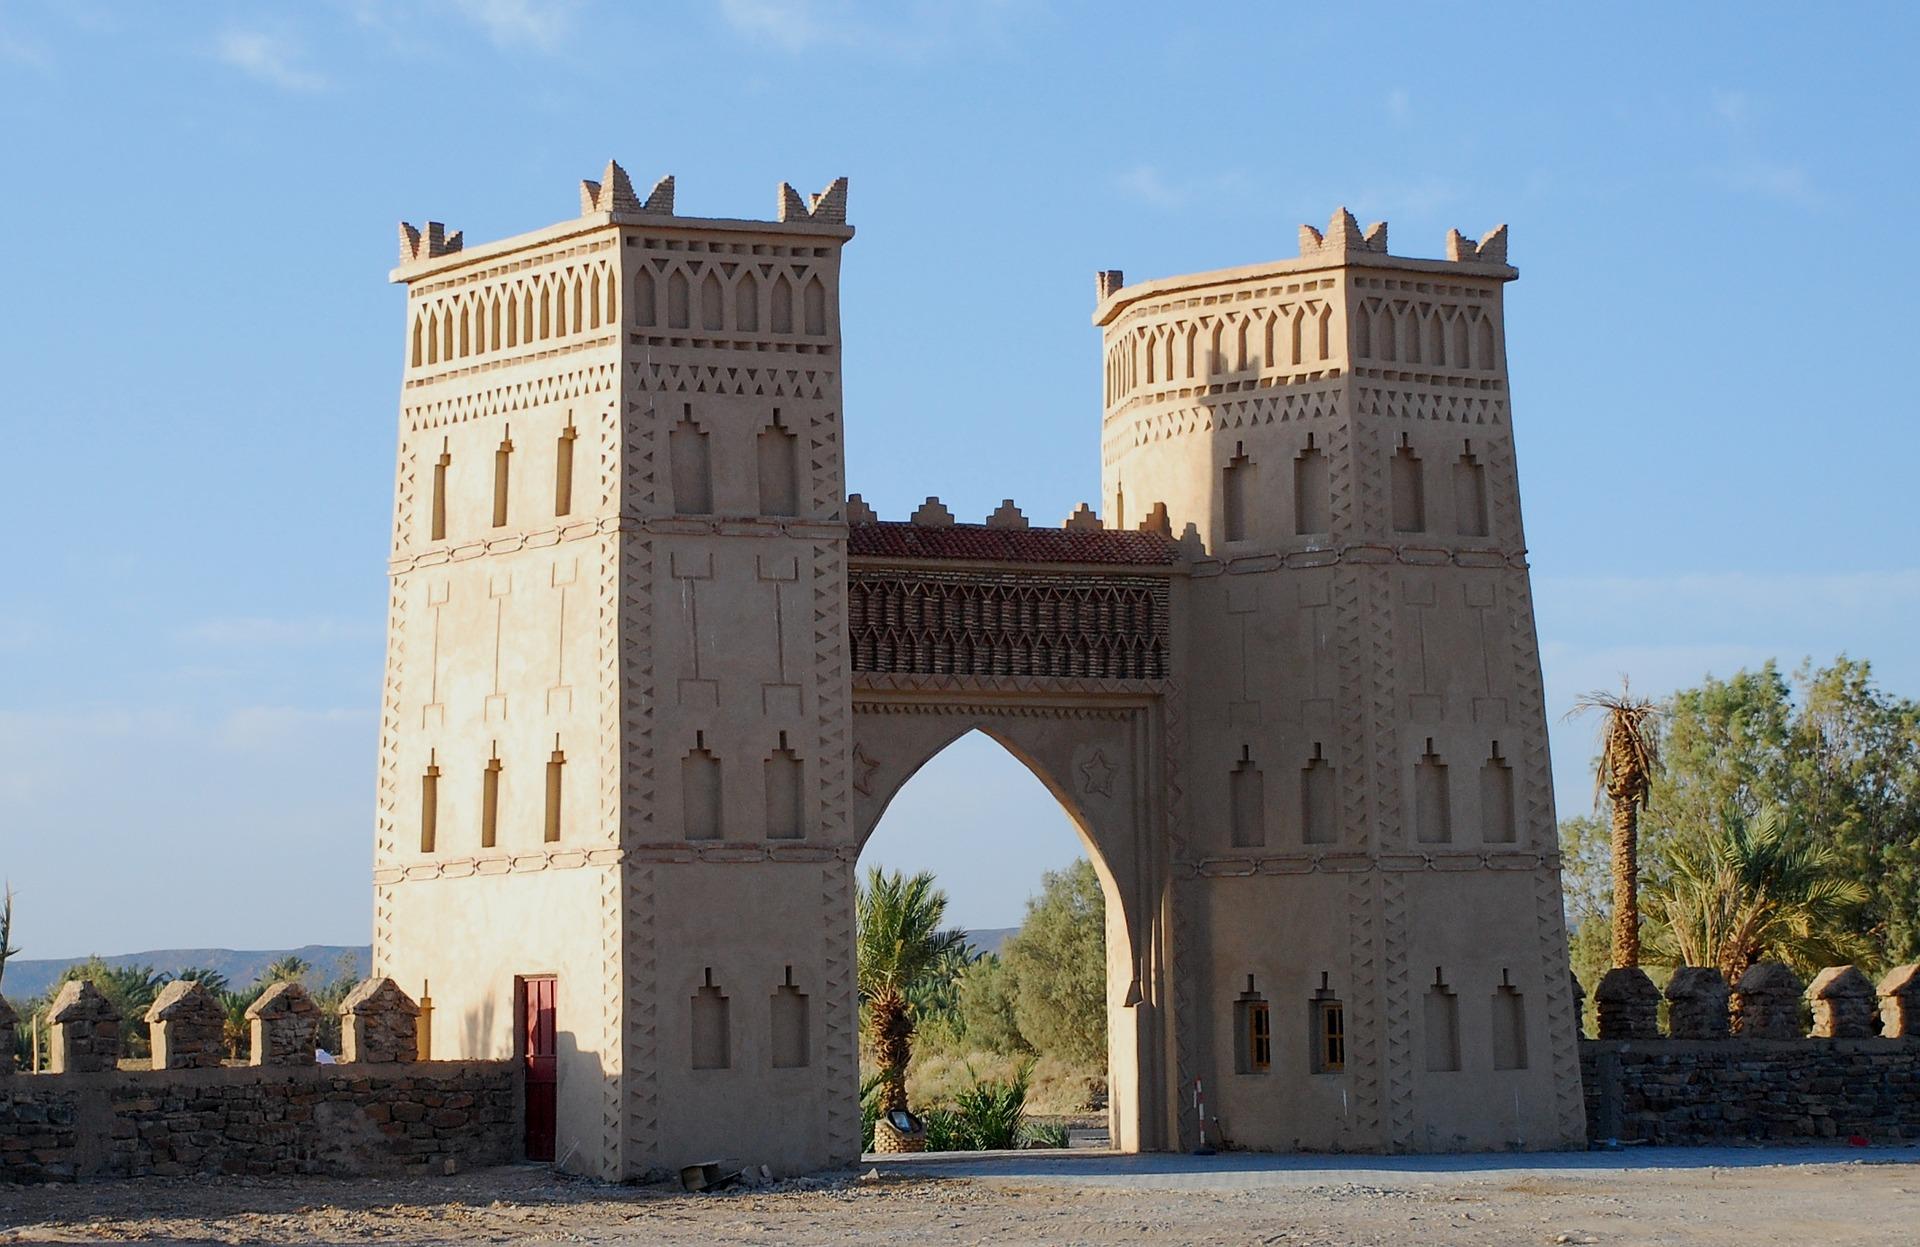 Fin de año en Marruecos con cena espectáculo y visita a los Reyes Magos (salida desde Madrid)